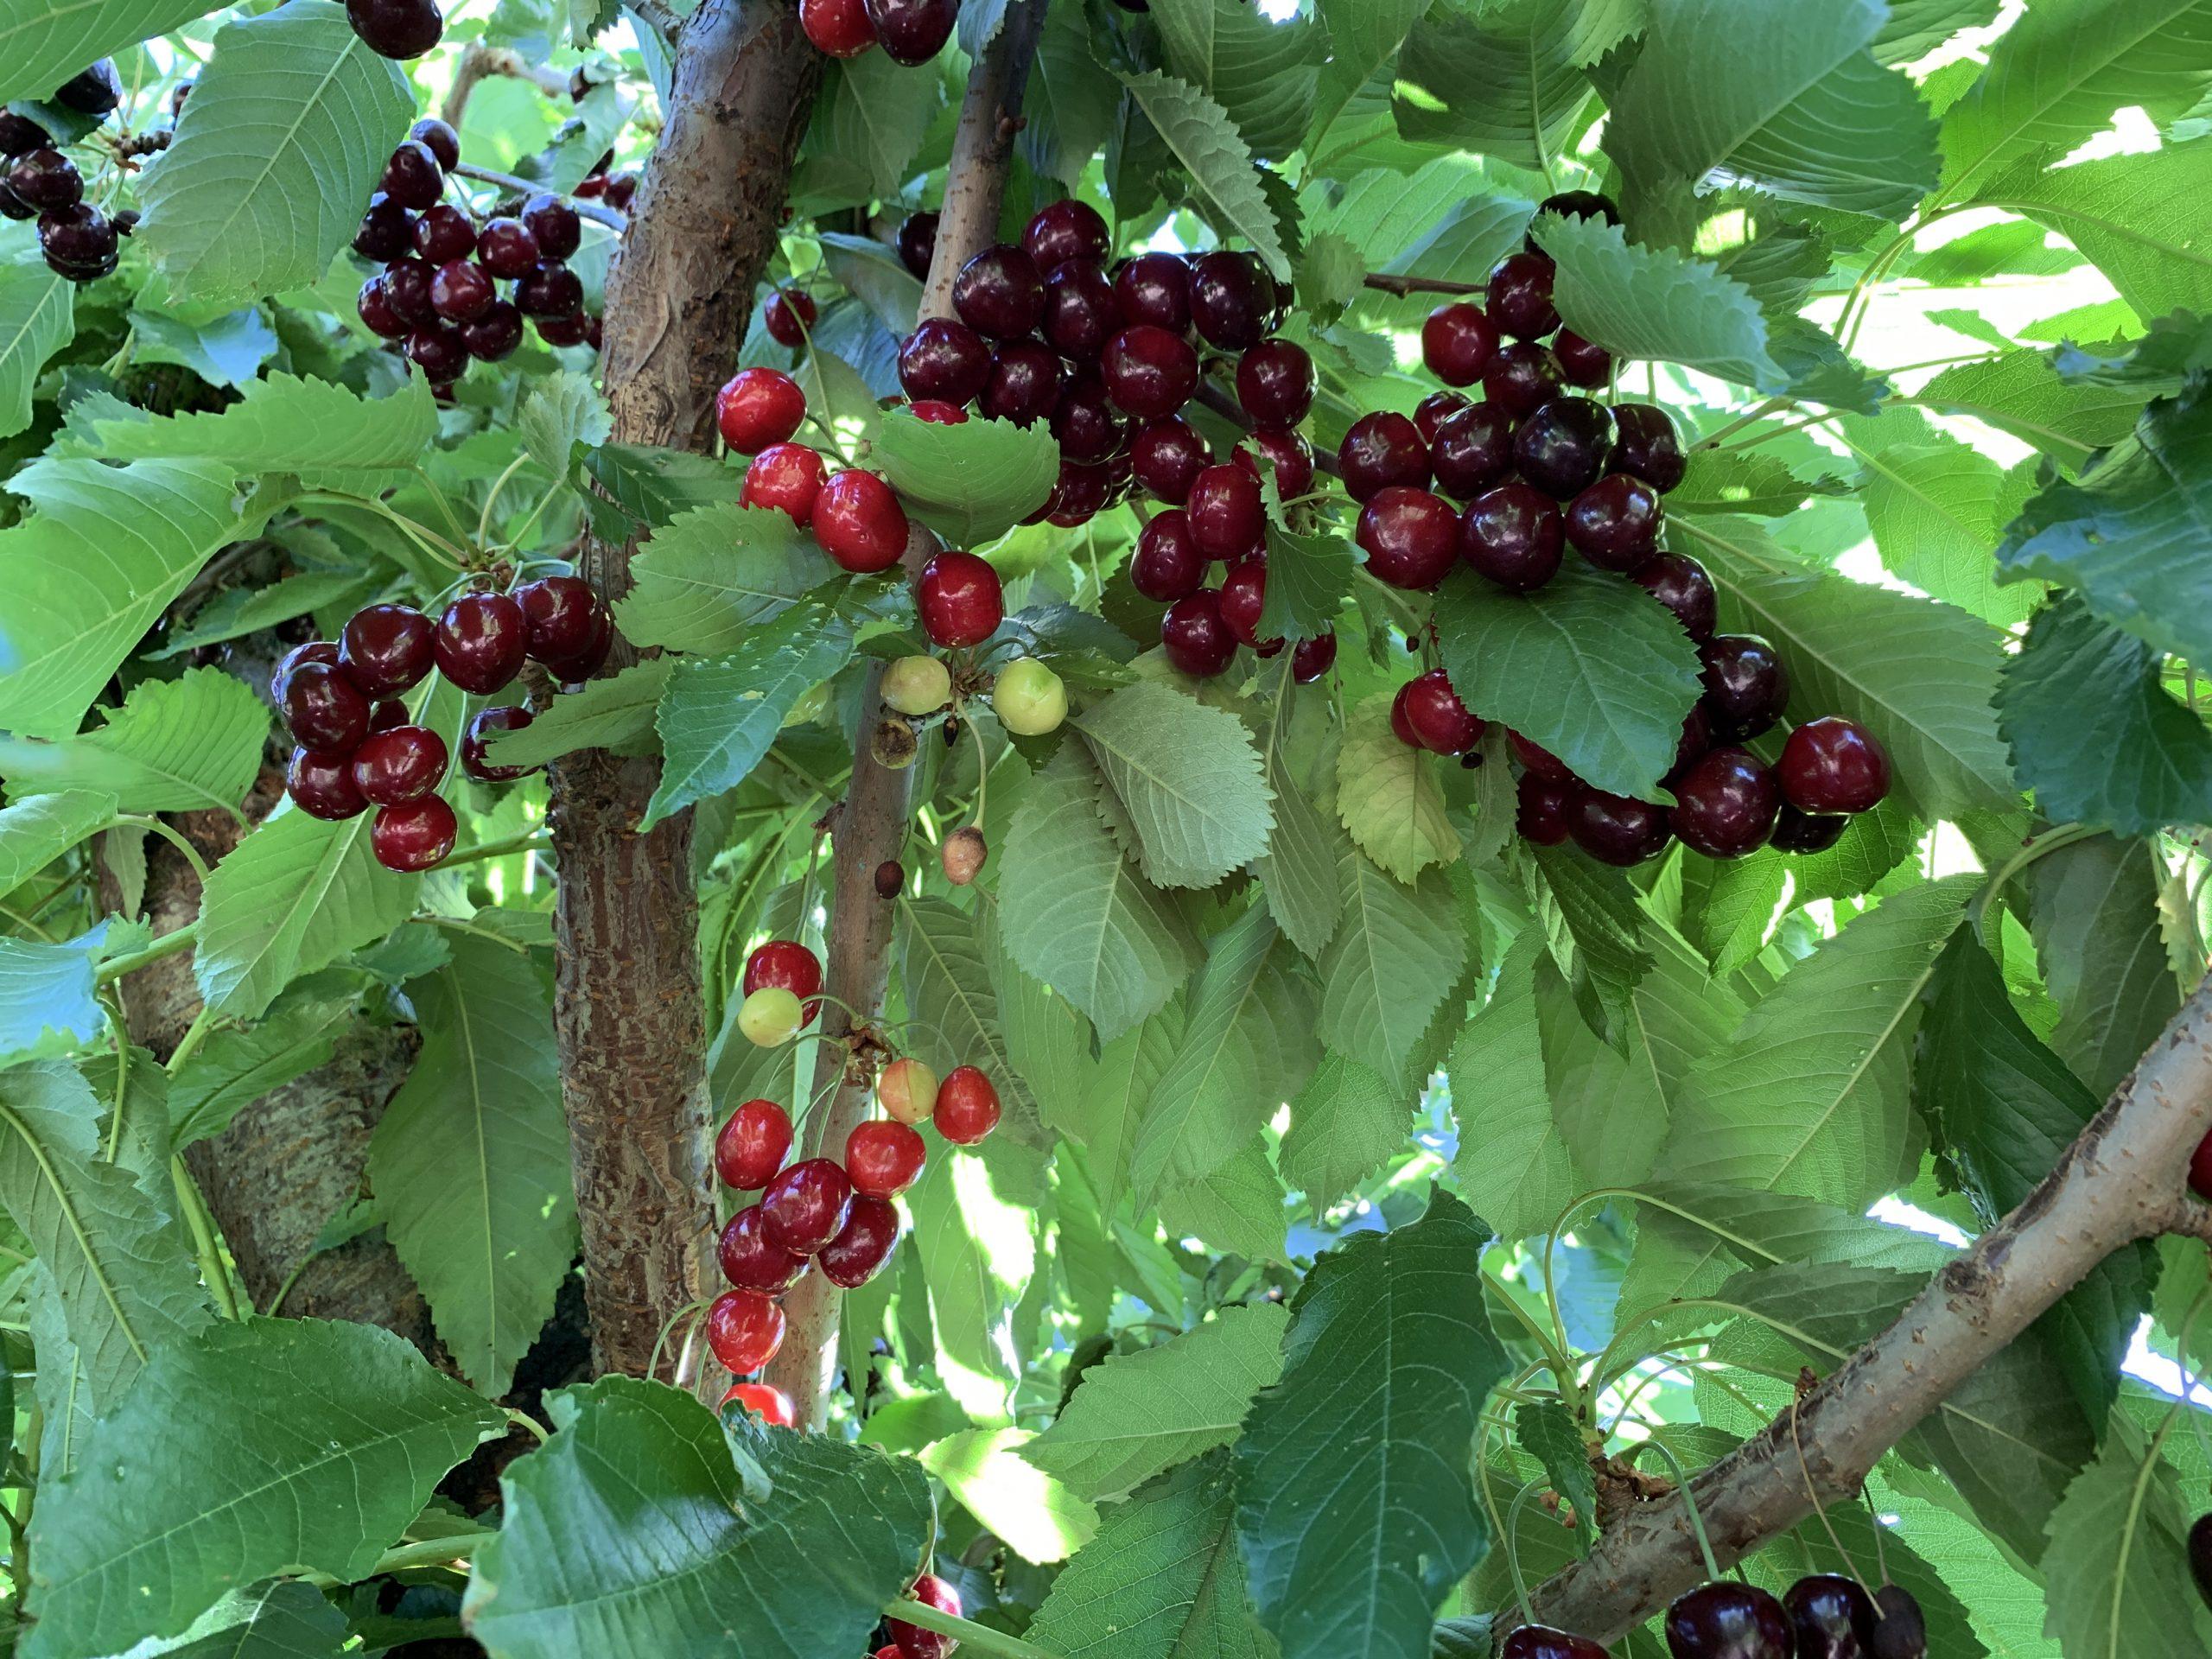 smalle red cherries next to big dark red cherries